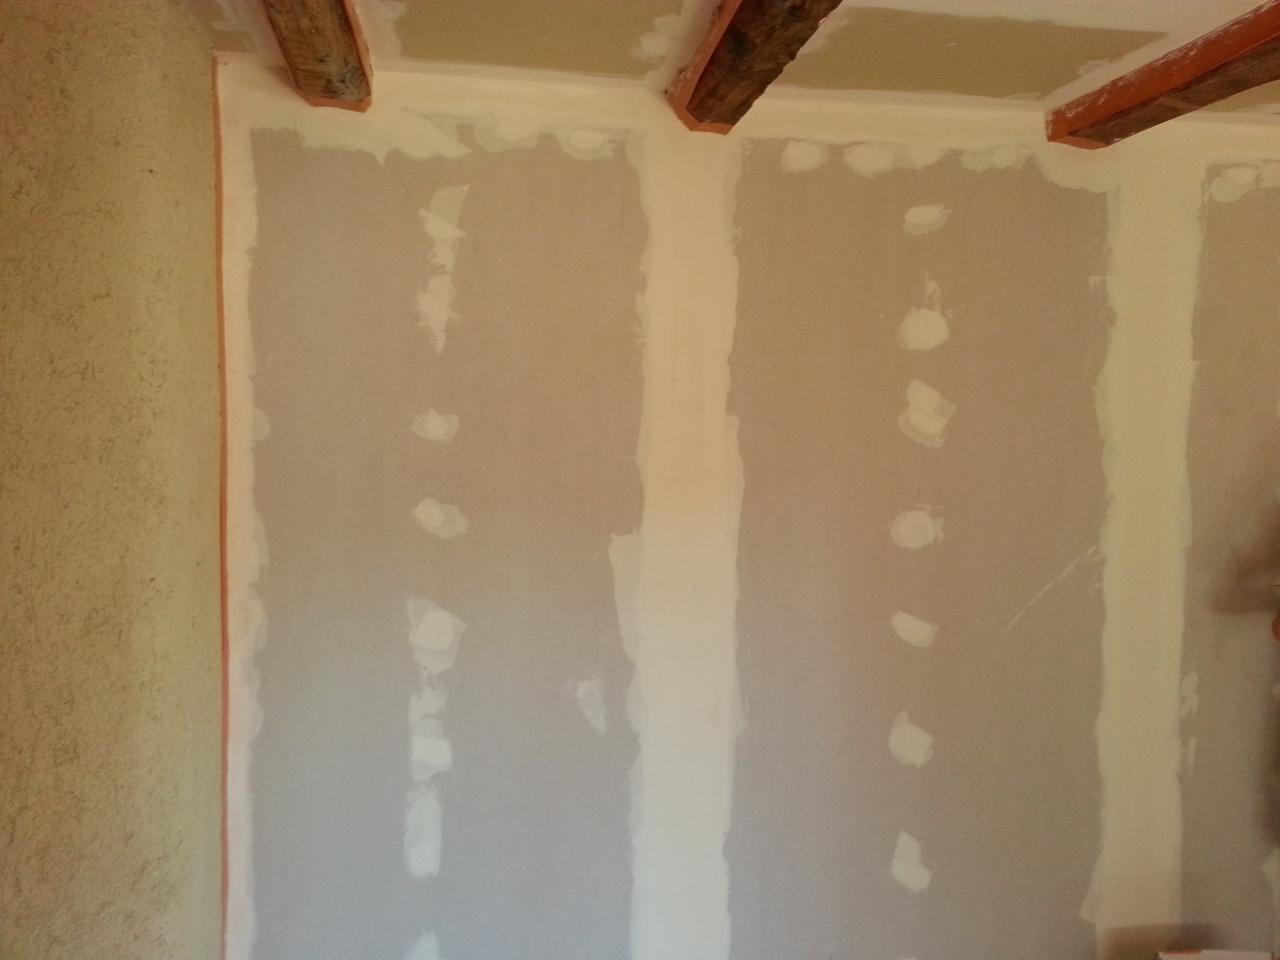 Coisons plaques de plâtre